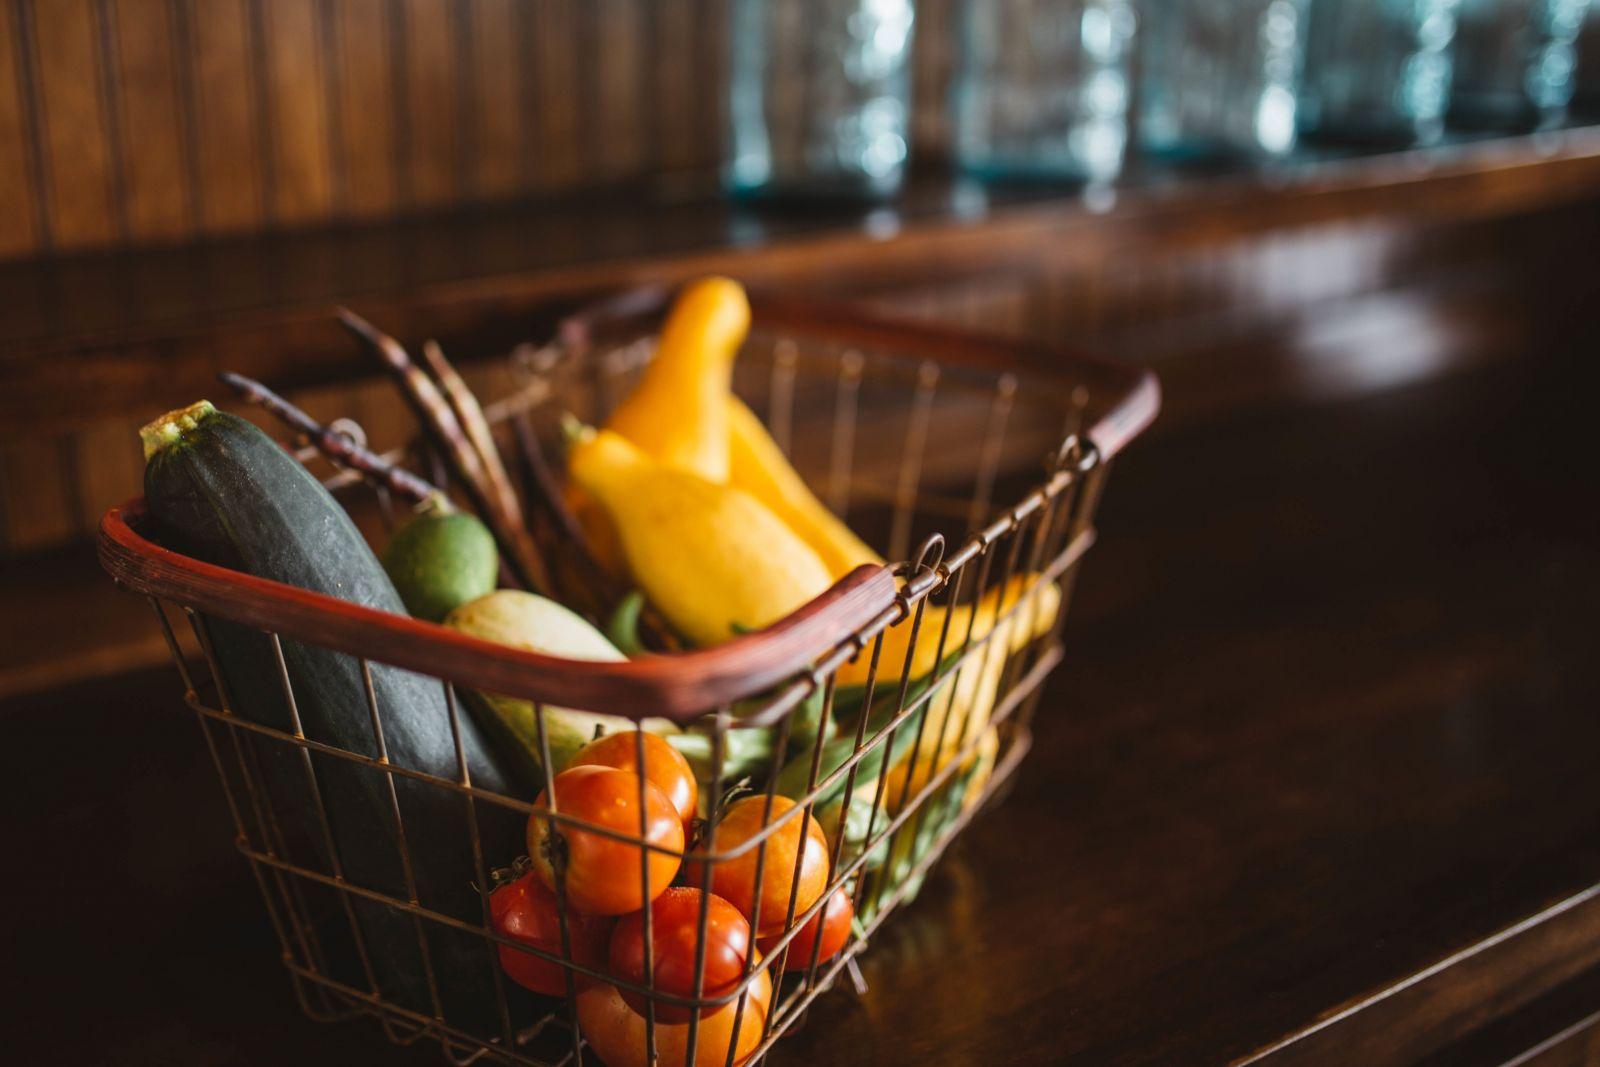 Петров пост 2016: что можно есть и как правильно соблюдать постное меню - фото №2